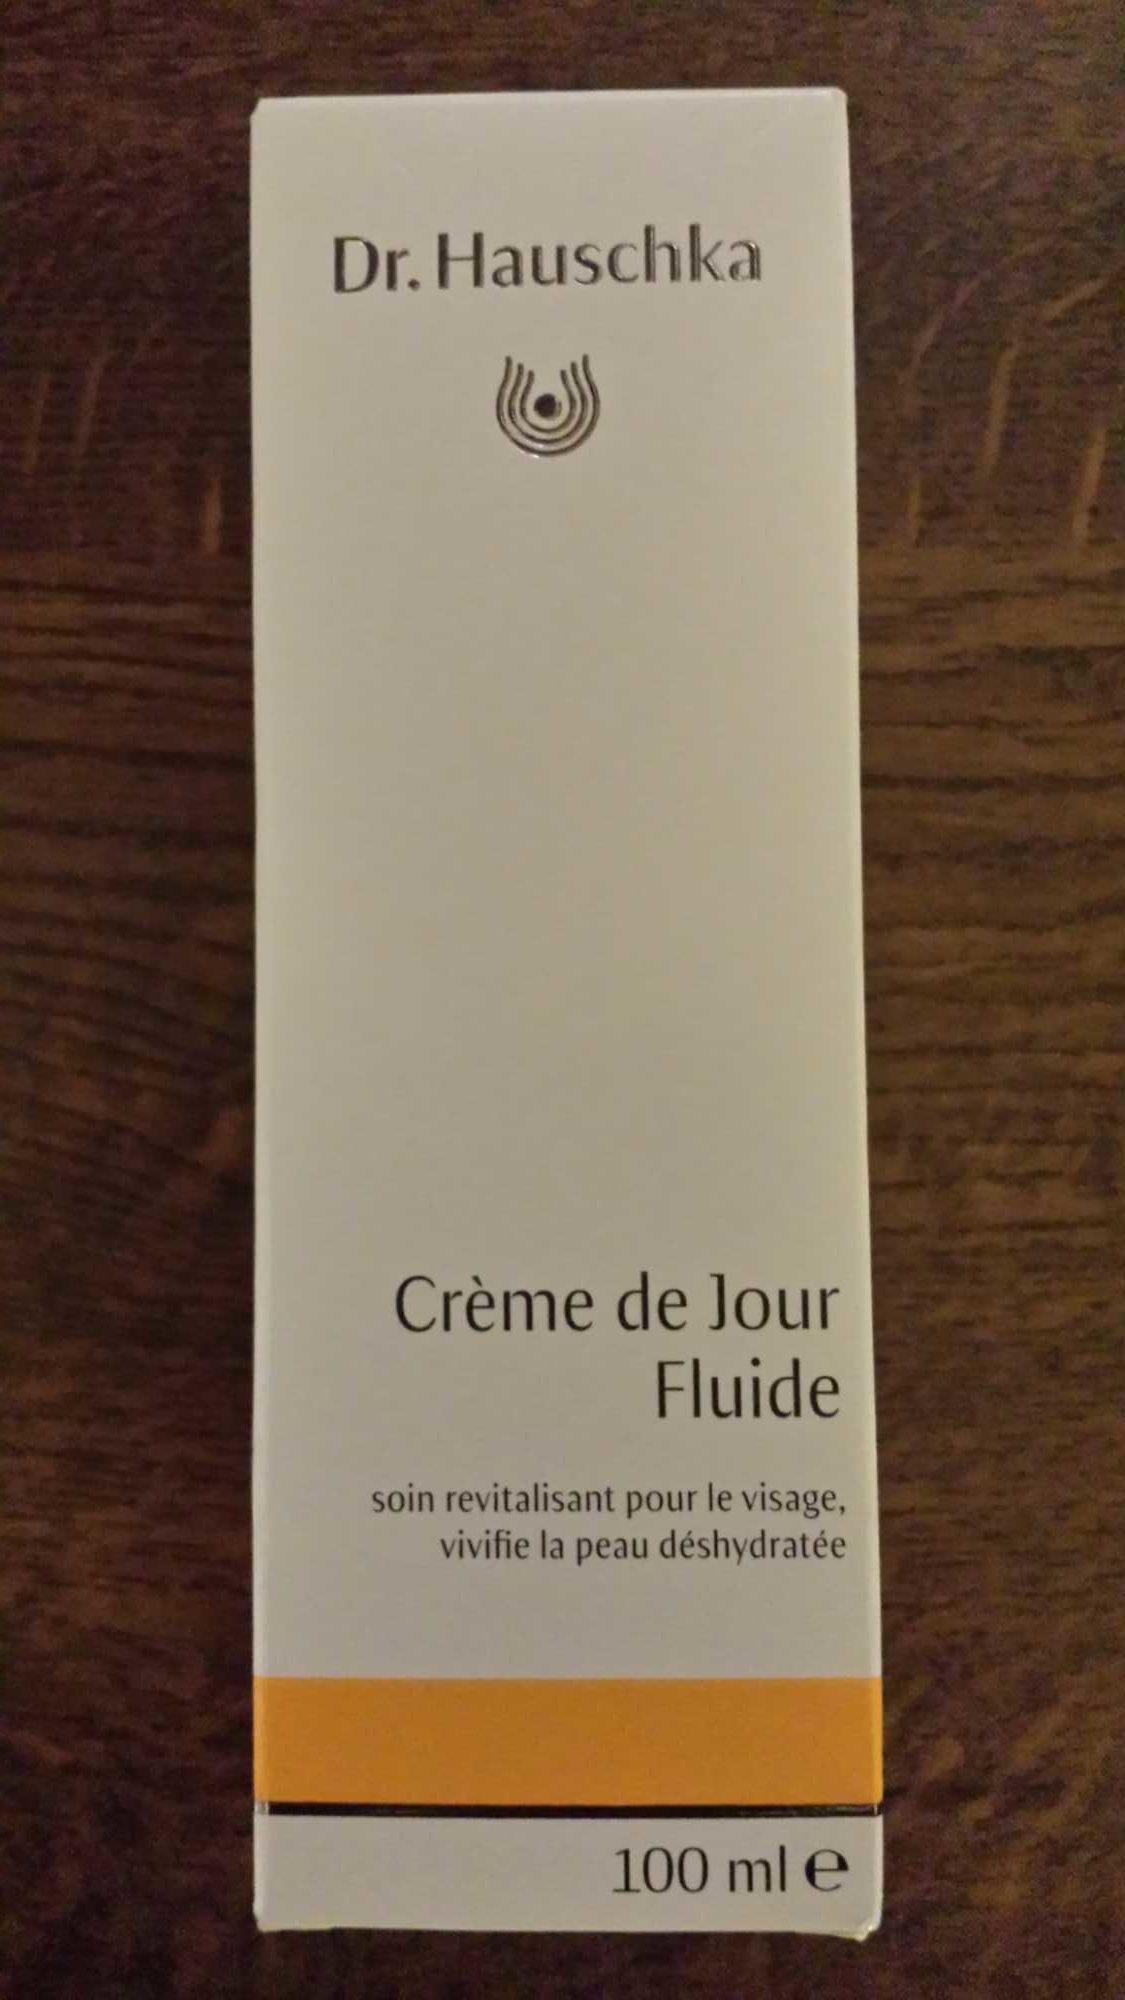 Crème de jour fluide - Produit - fr